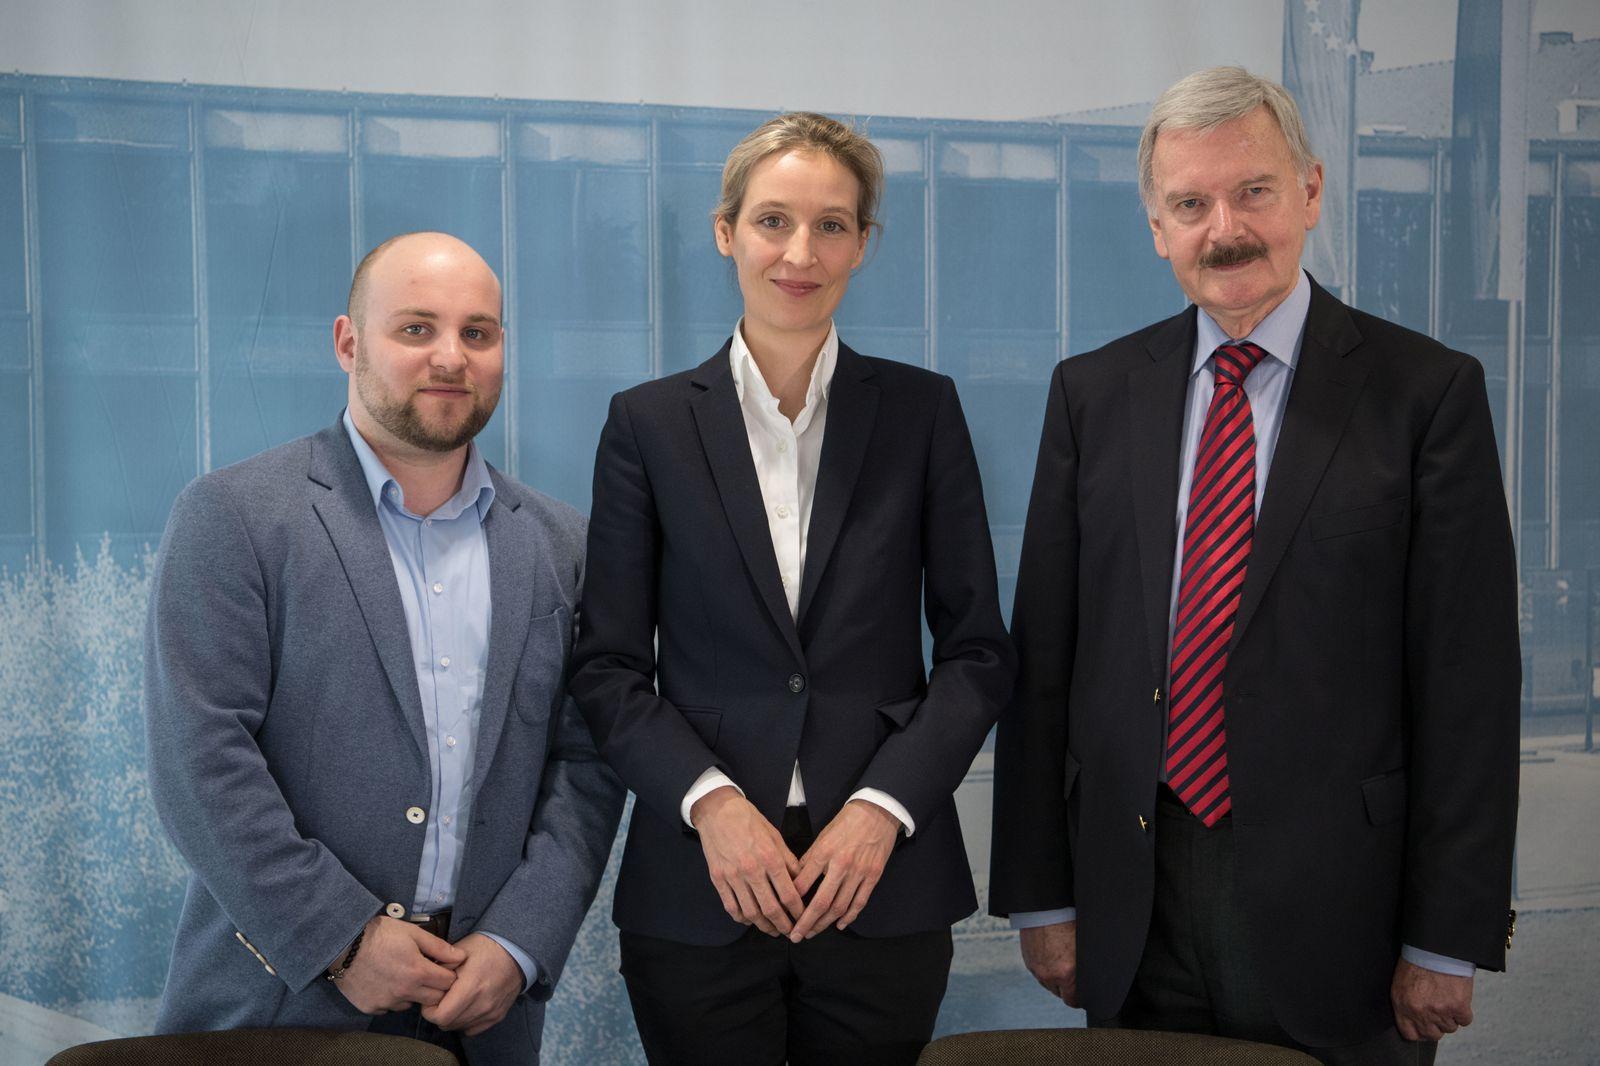 EINMALIGE VERWENDUNG Markus Frohnmaier und Alice Weidel